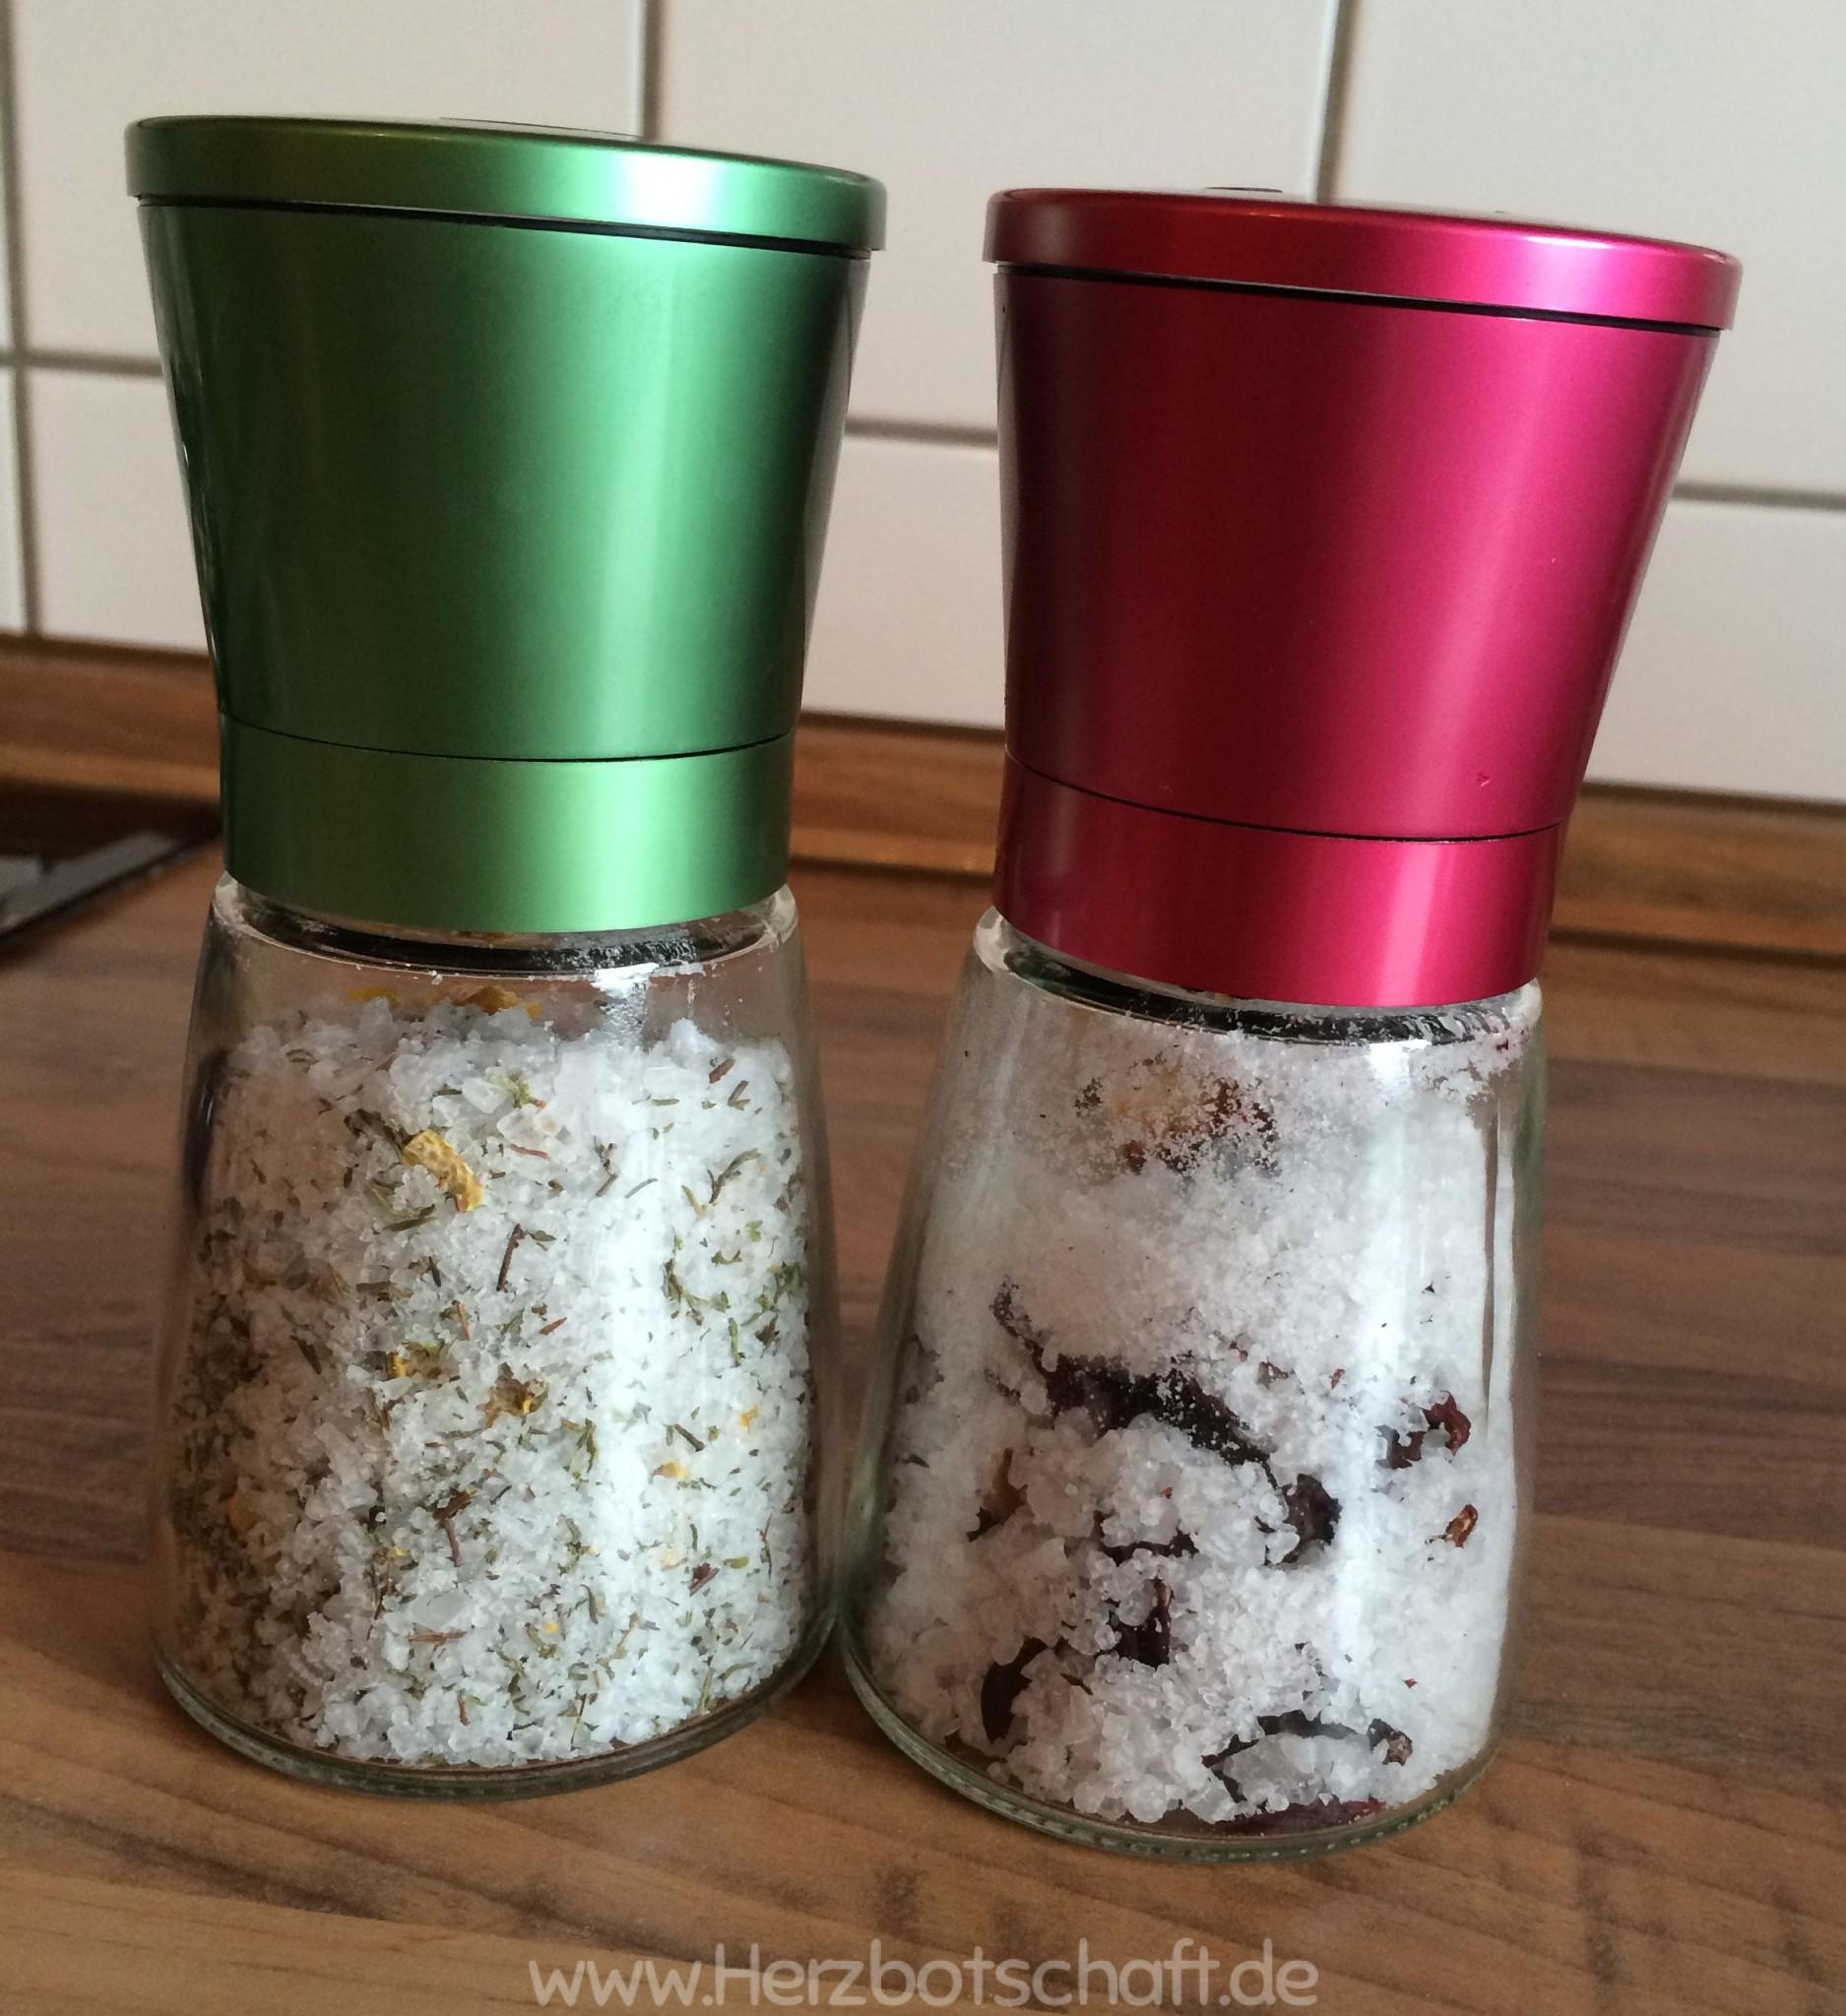 Selbstgemachte Salze als Geschenk für Genießer